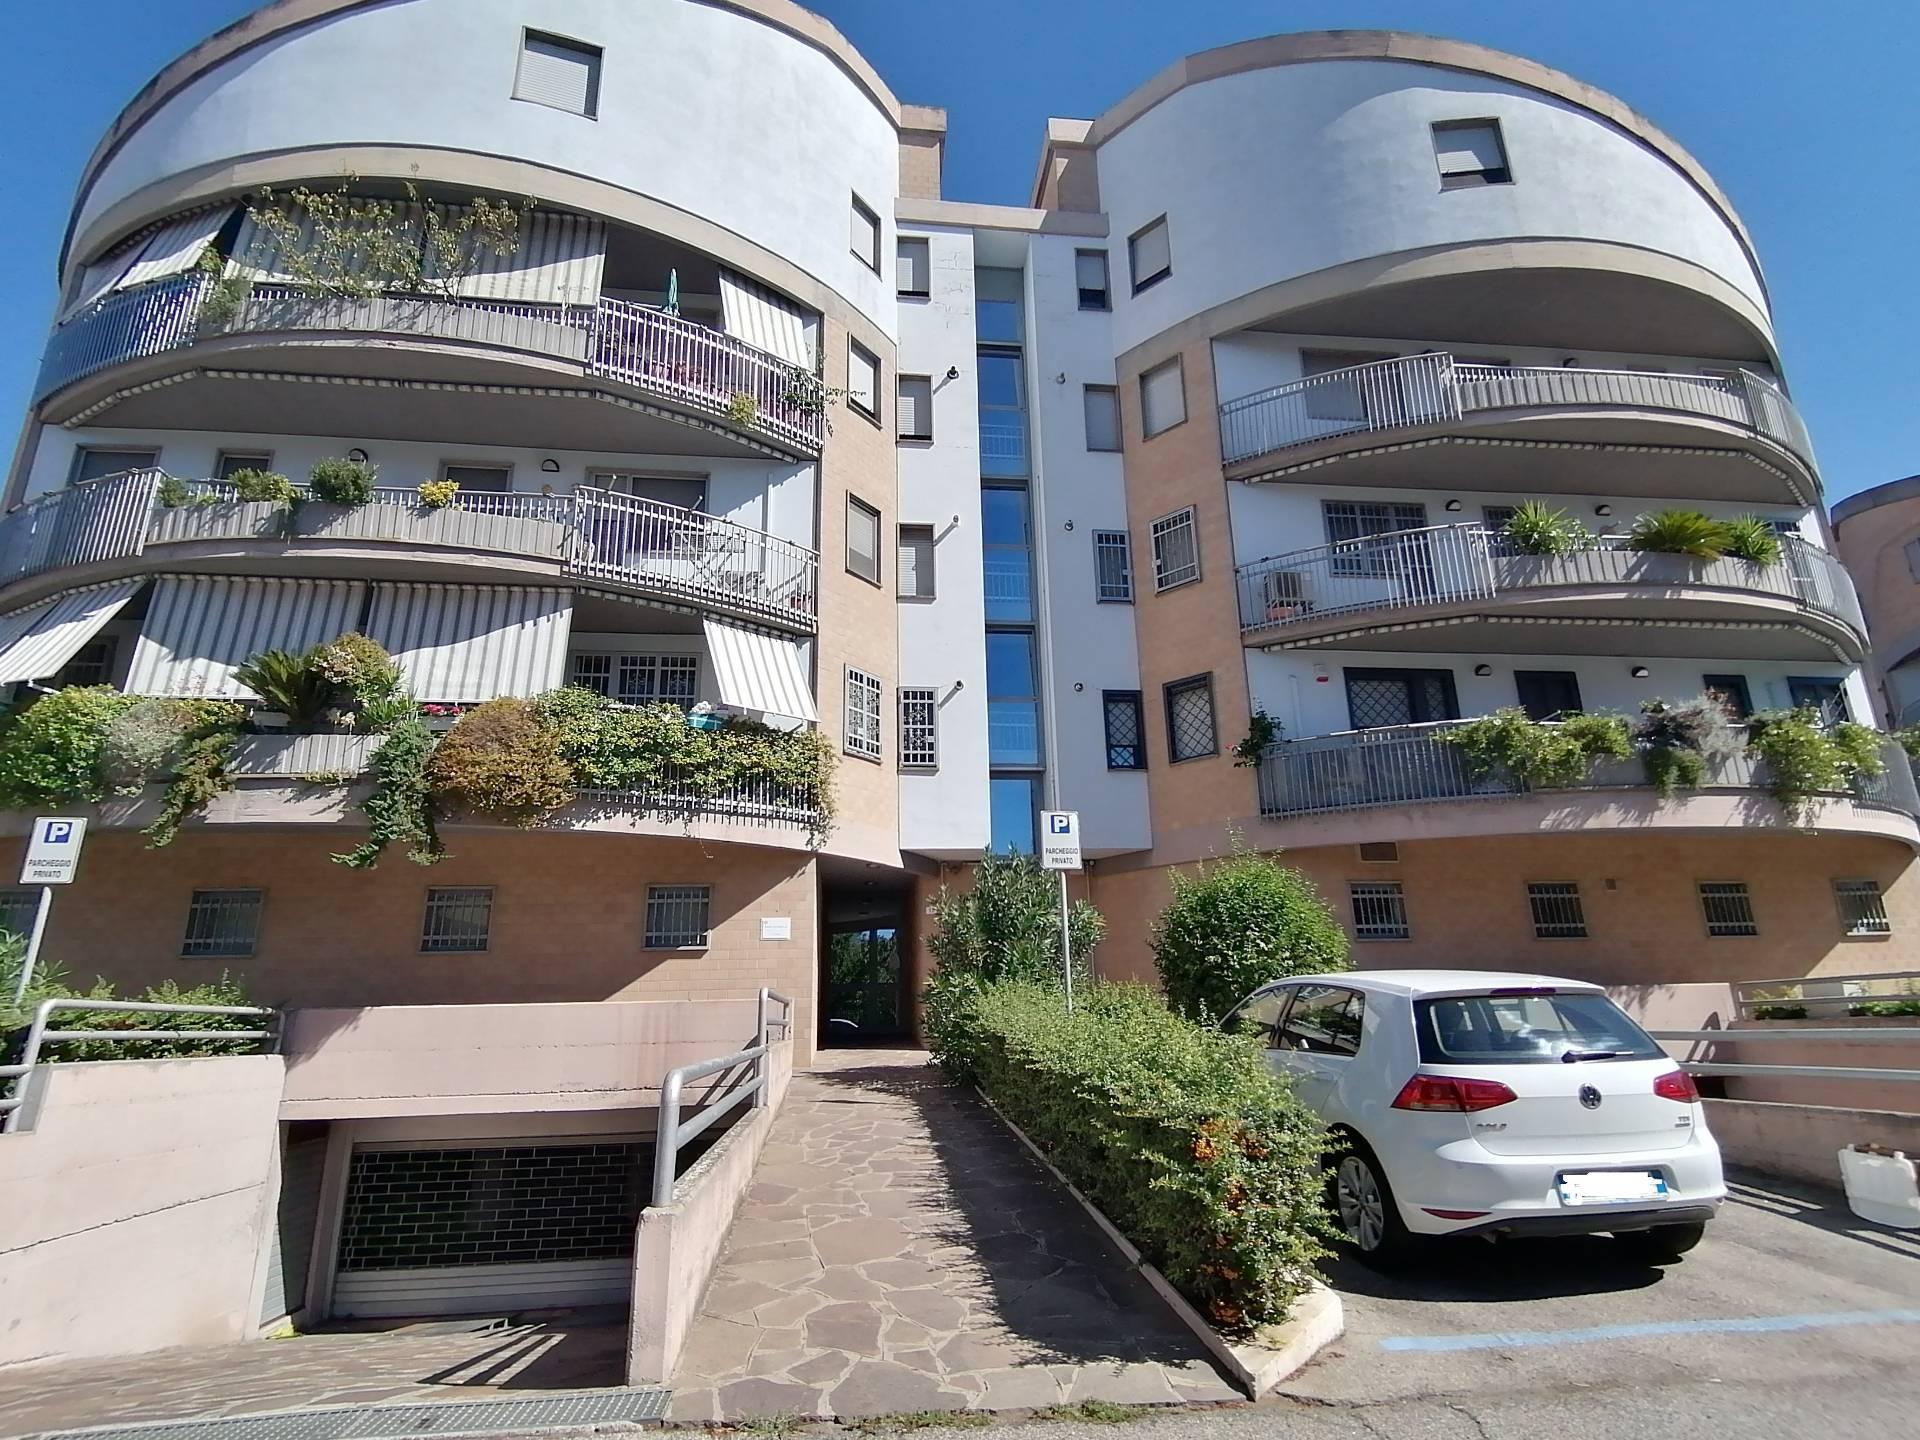 Appartamento in vendita a Civita Castellana, 5 locali, prezzo € 98.000 | CambioCasa.it